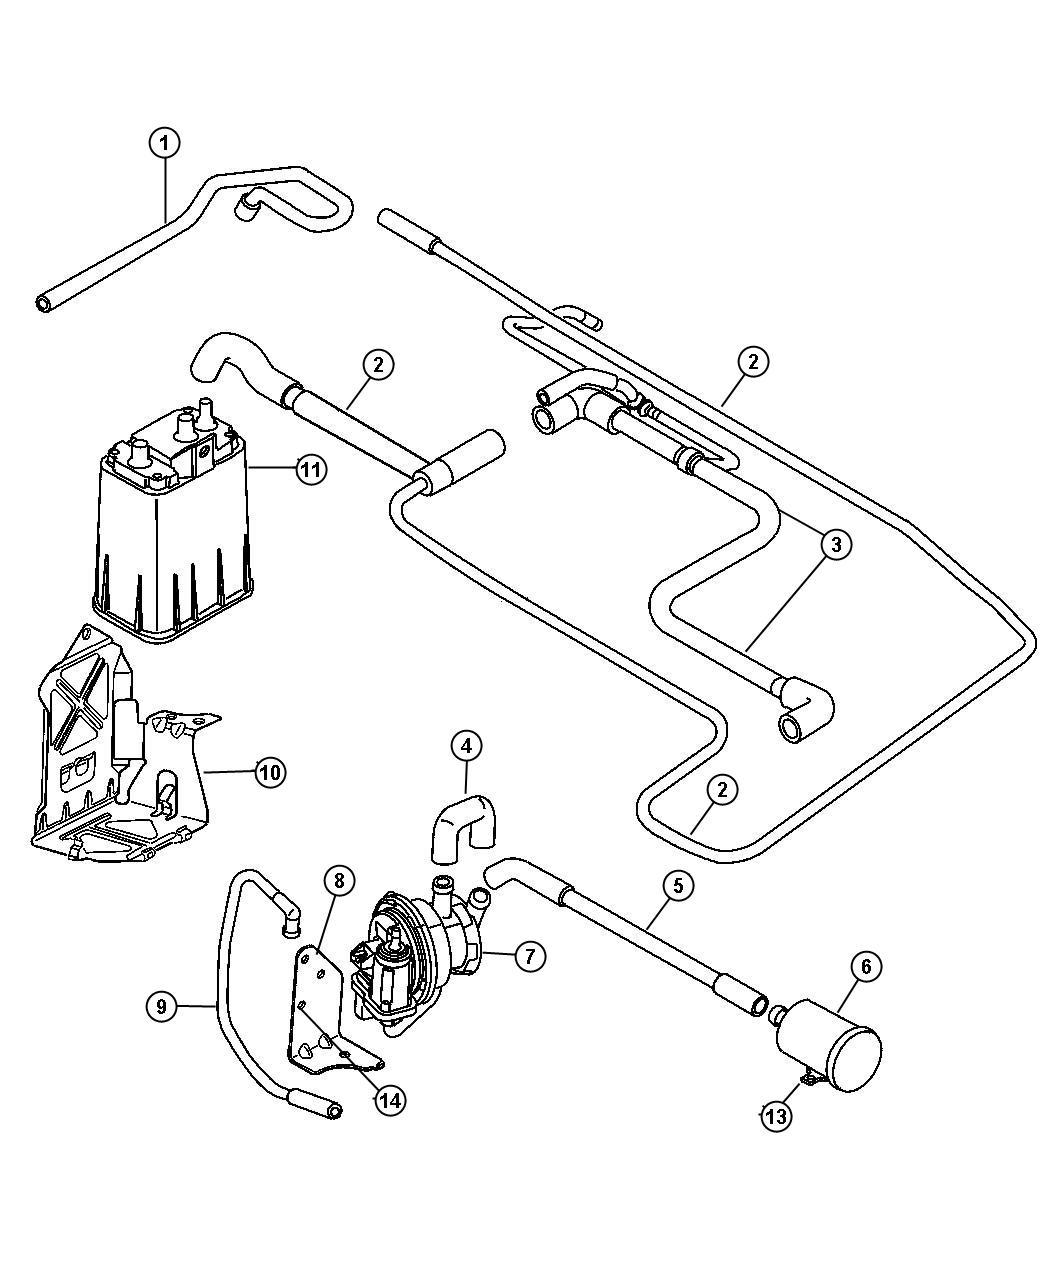 Chrysler Pt Cruiser Pump Leak Detection Emissions